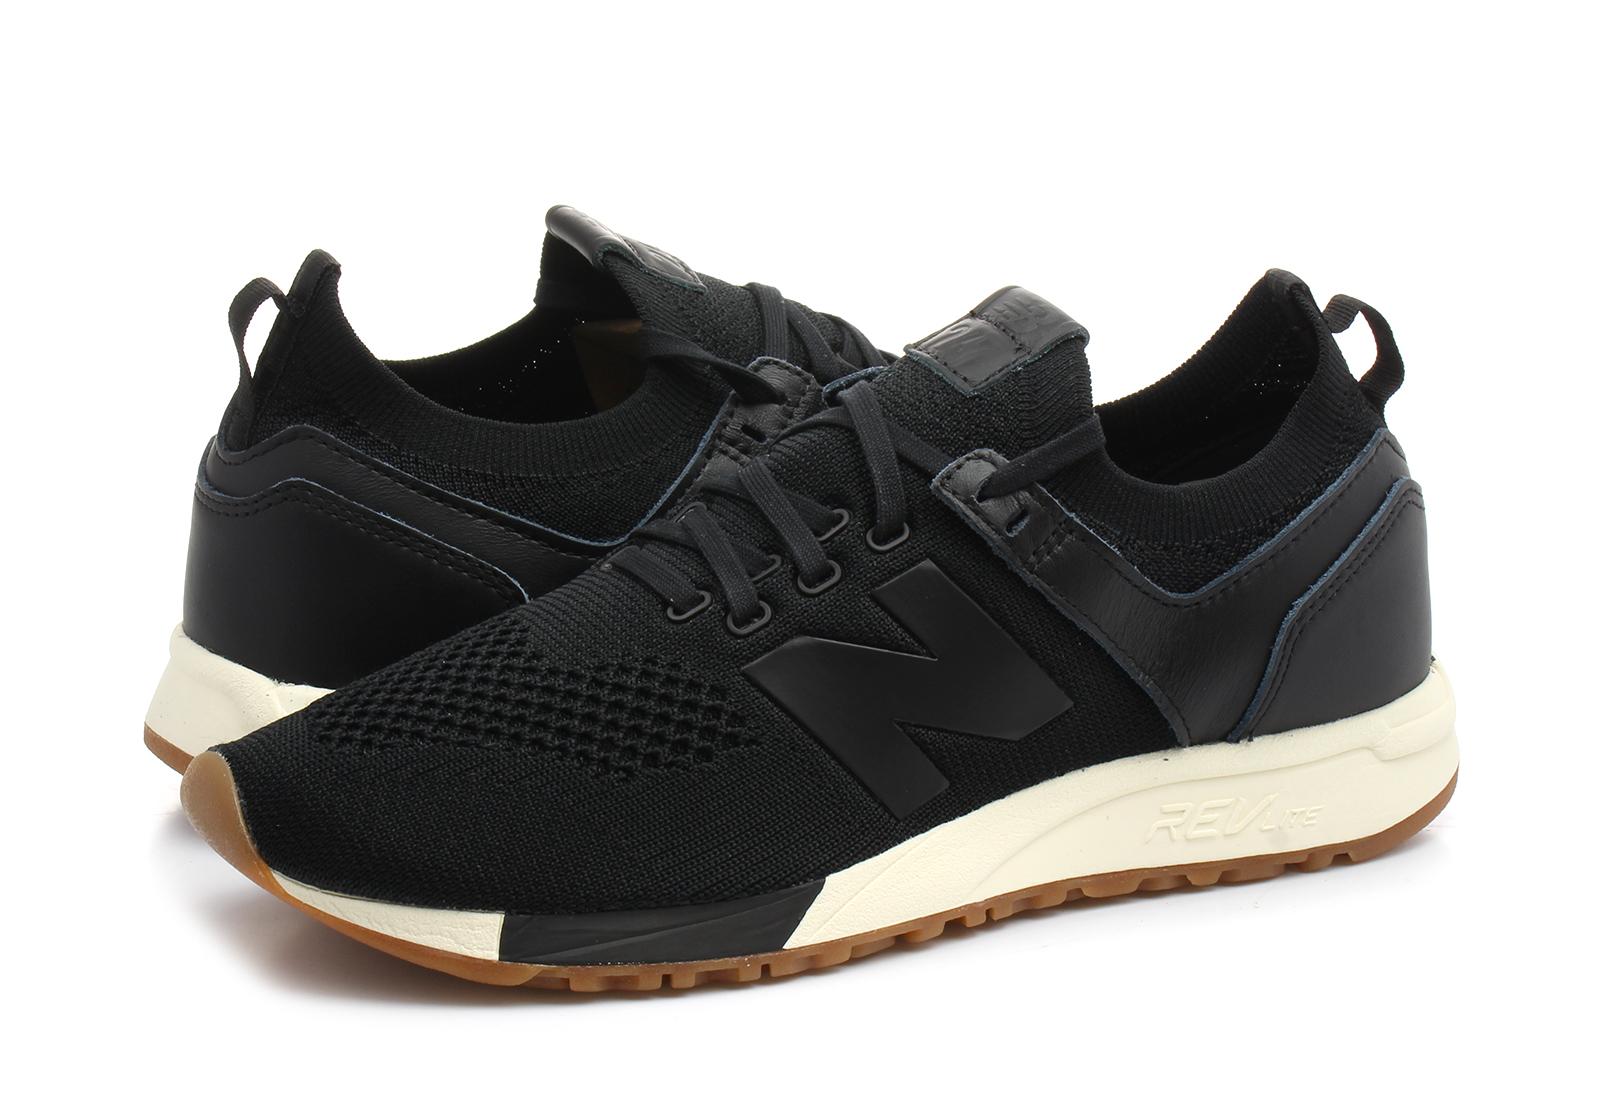 New Balance Cipő - Mrl247 - MRL247DB - Office Shoes Magyarország a04c4b6741